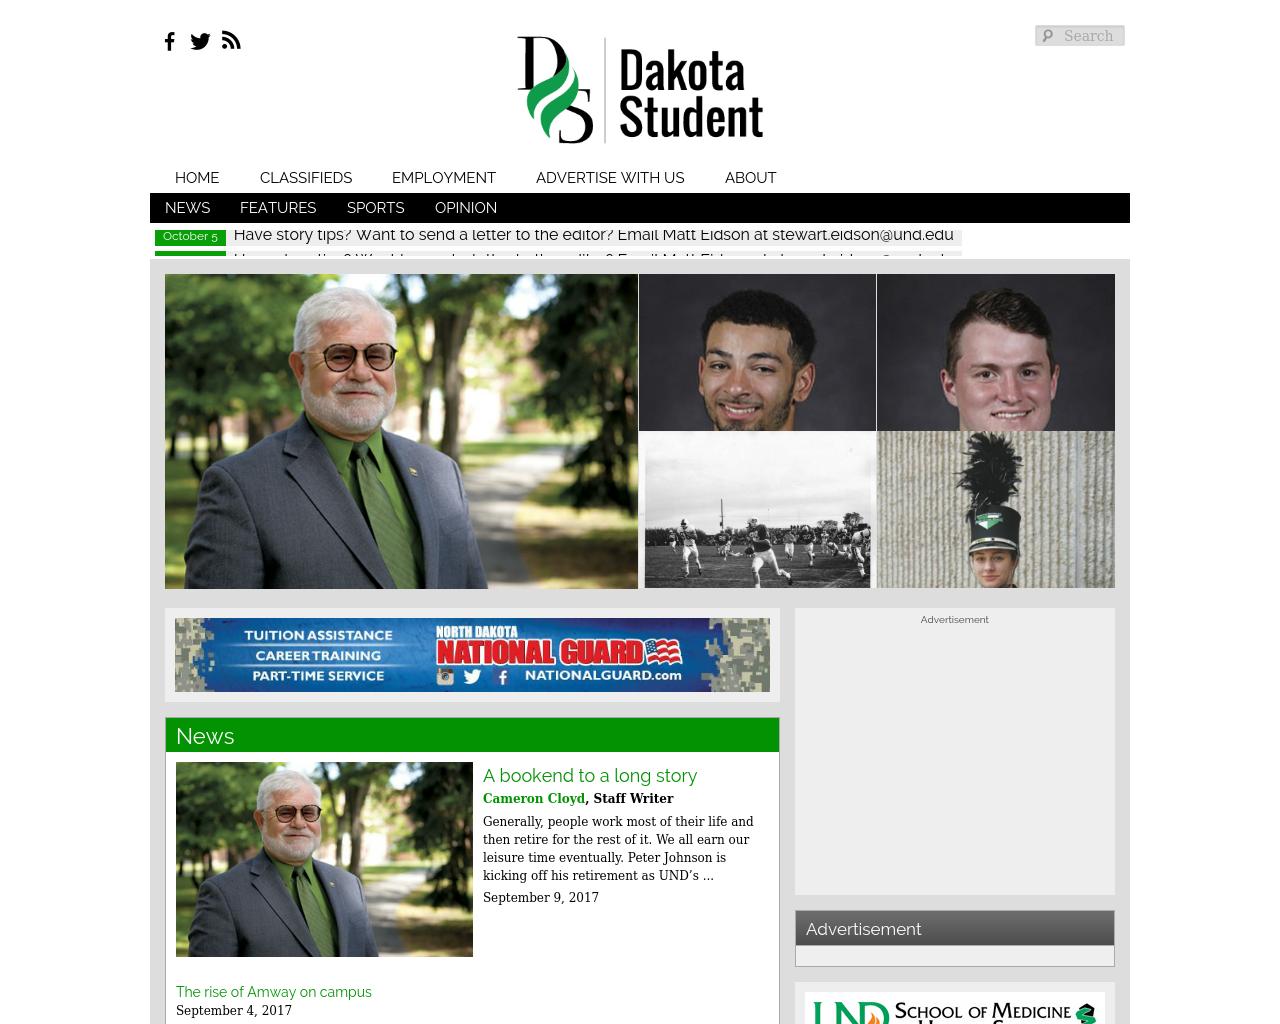 Dakota-Student-Advertising-Reviews-Pricing